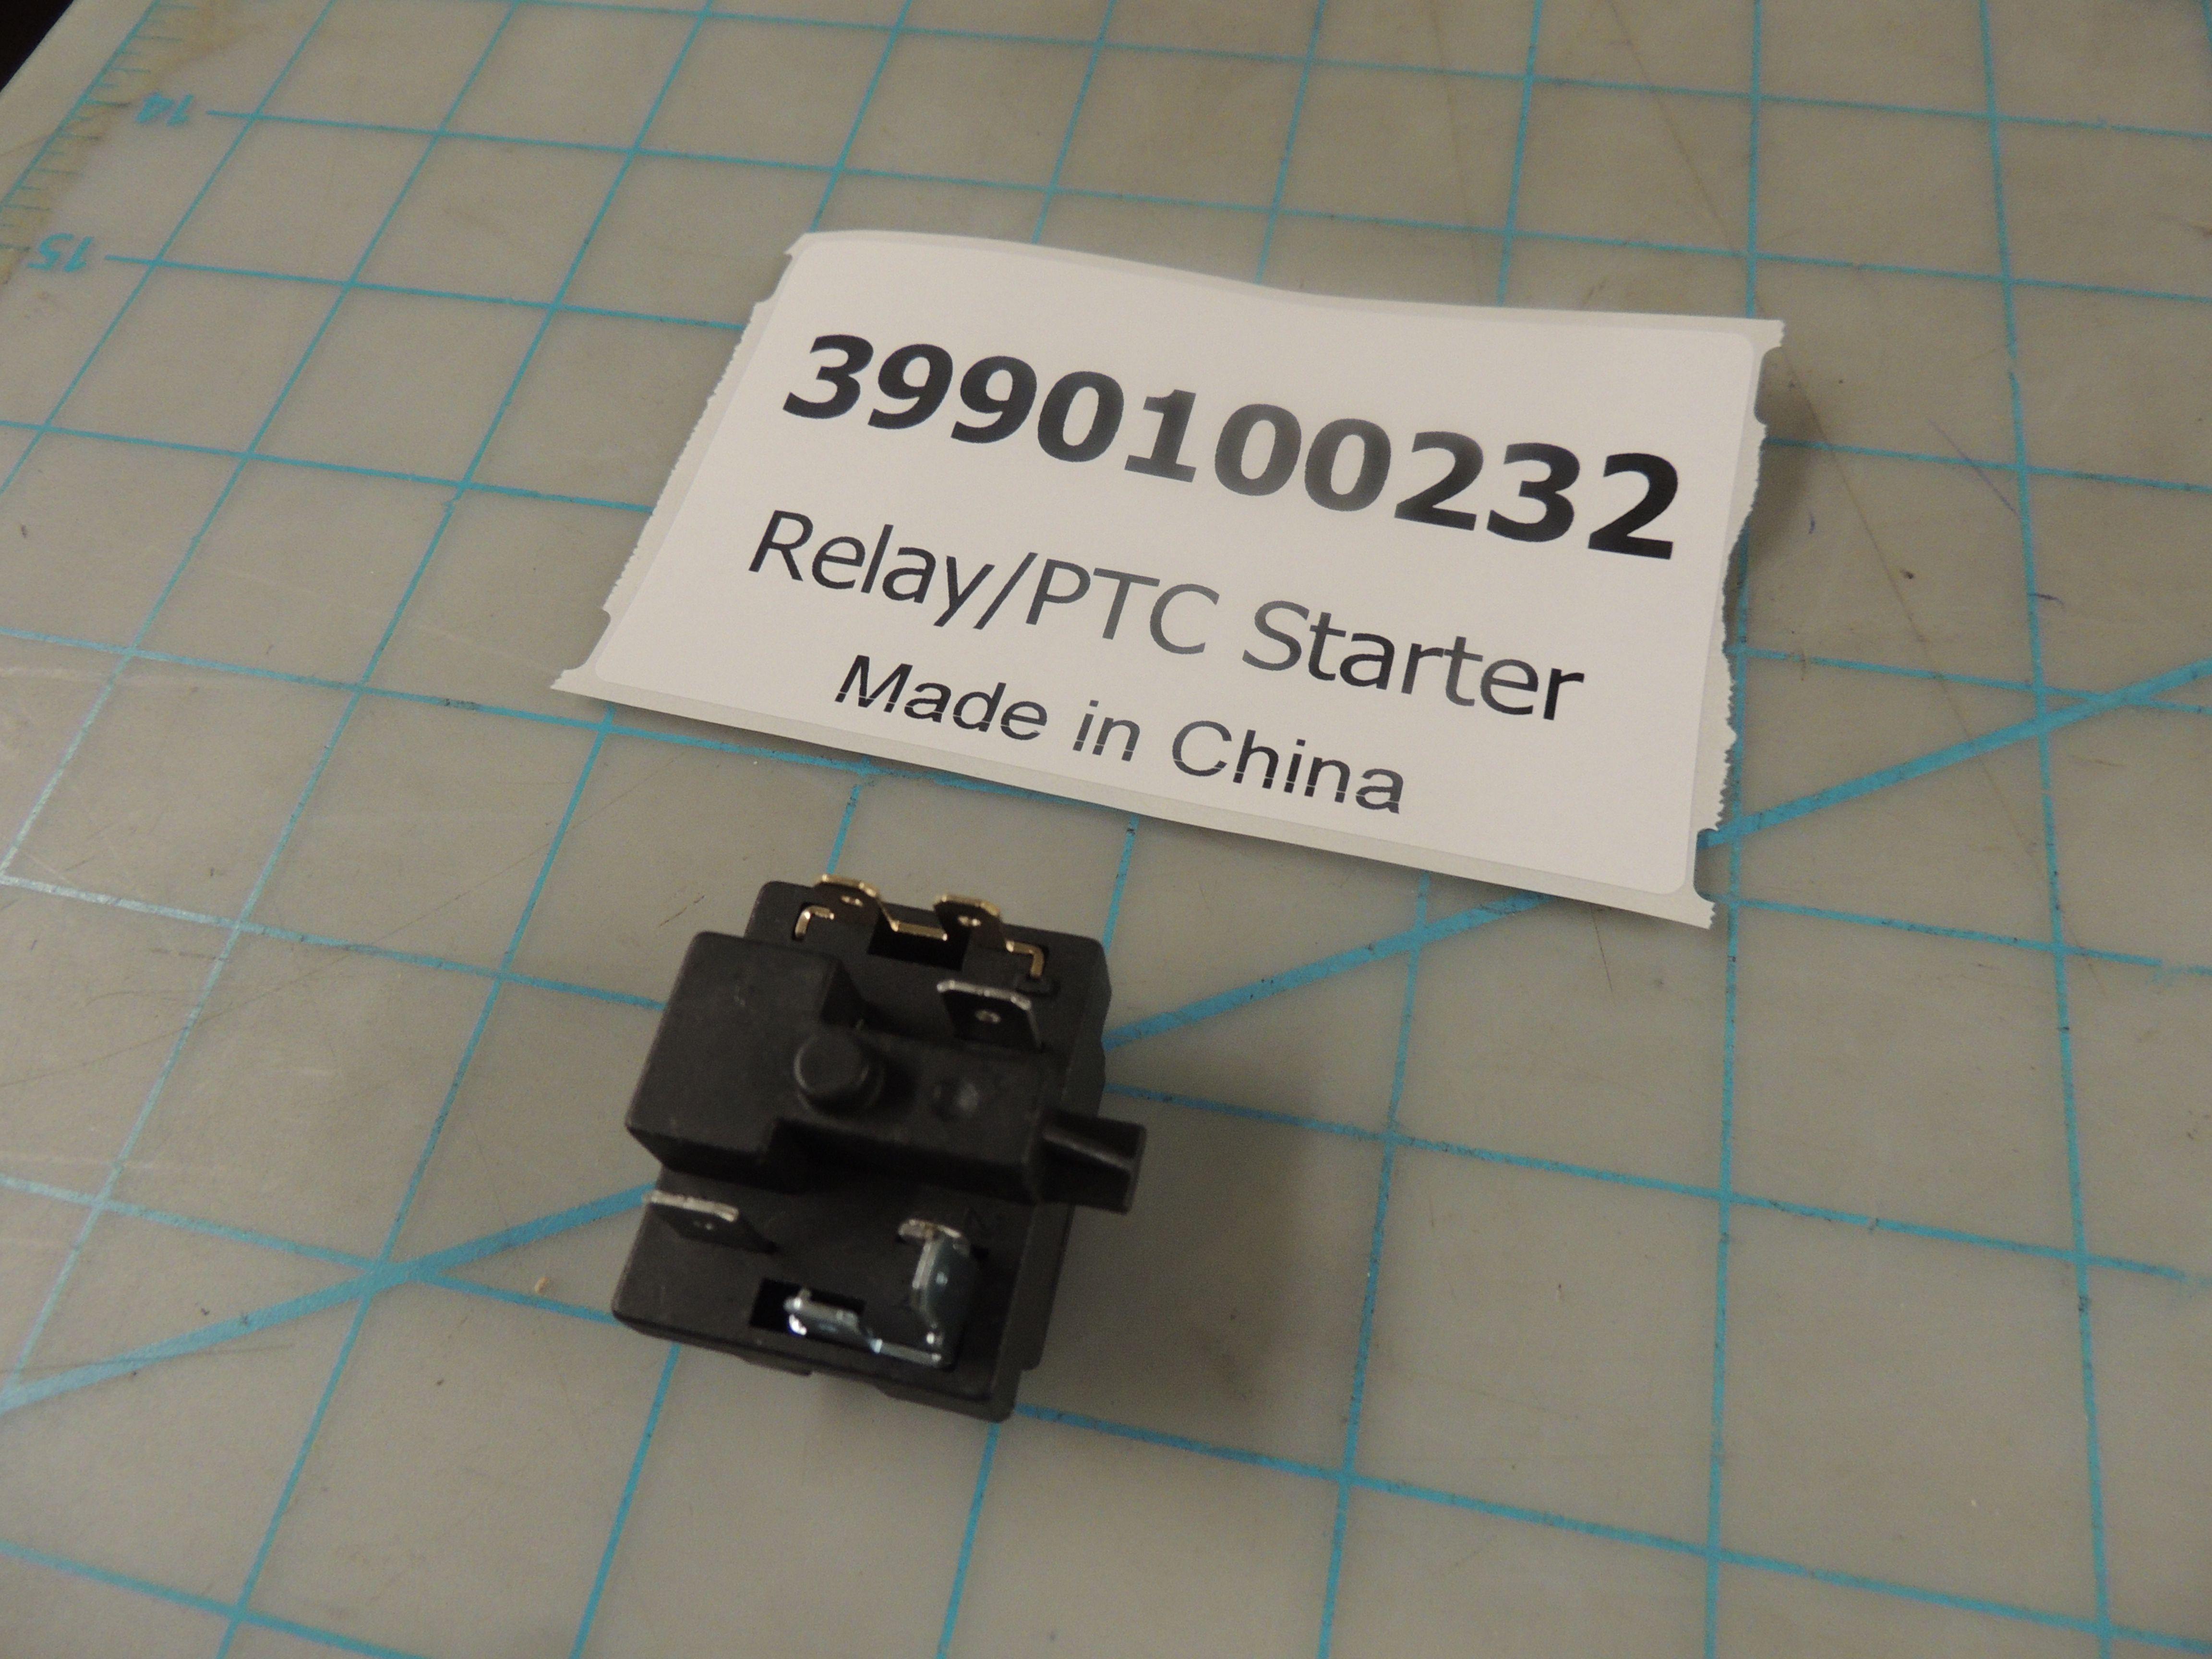 Relay/PTC Starter